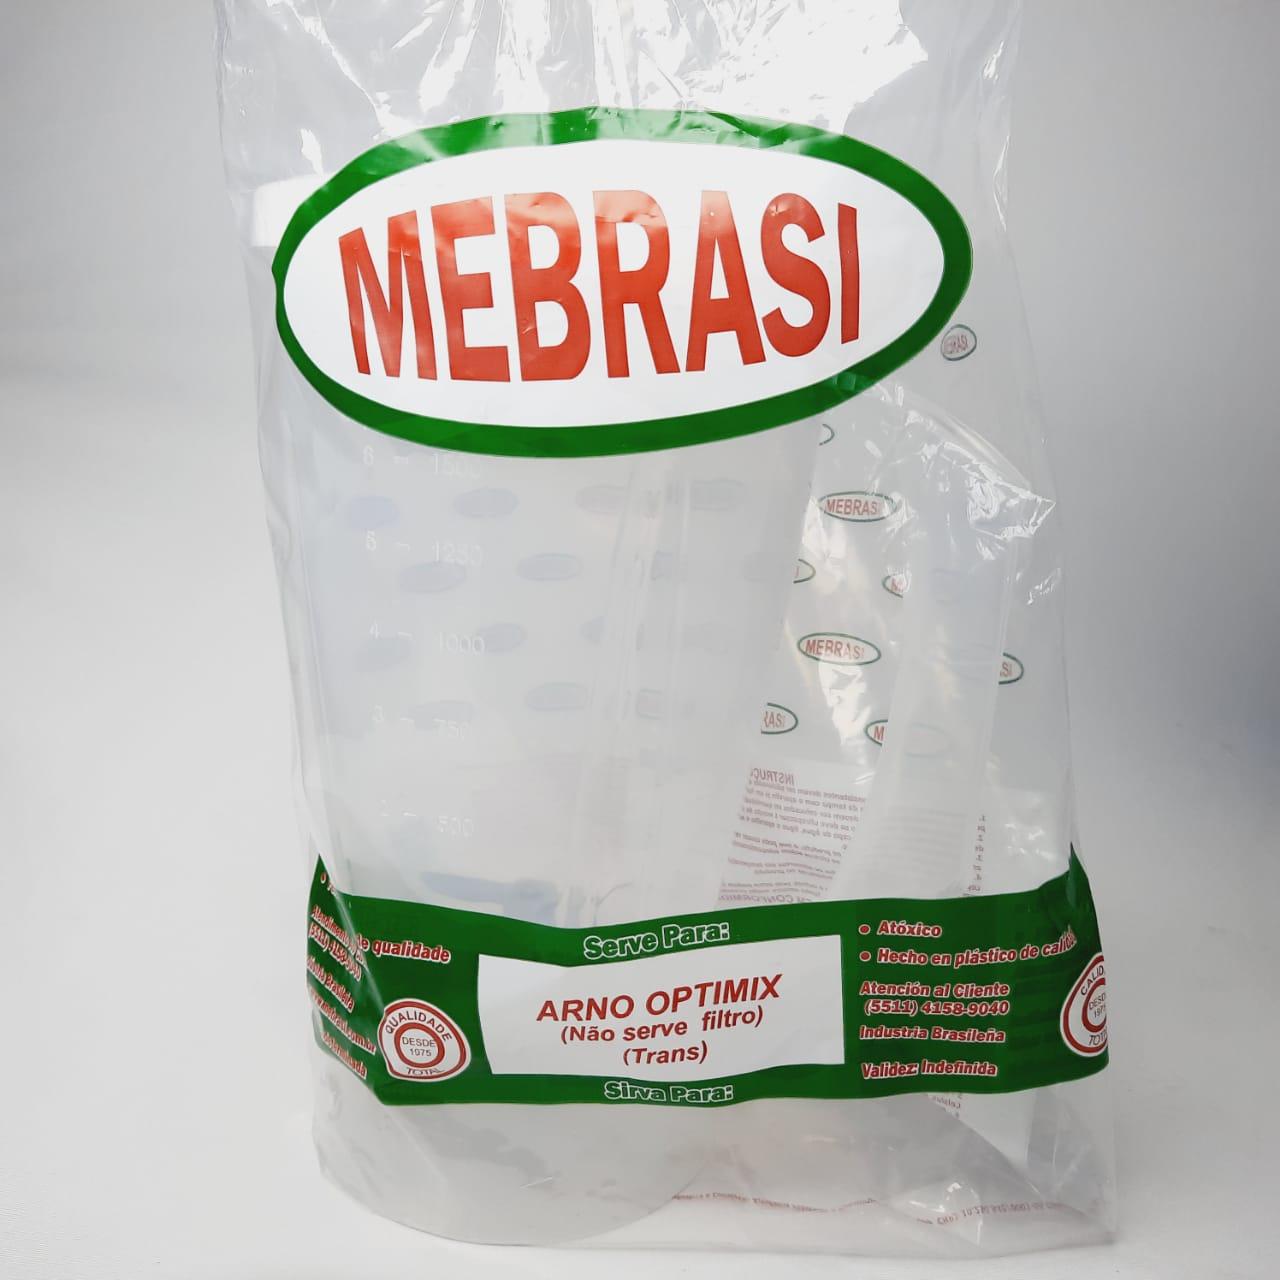 Copo Arno Translúcido Optimix - Mebrasi